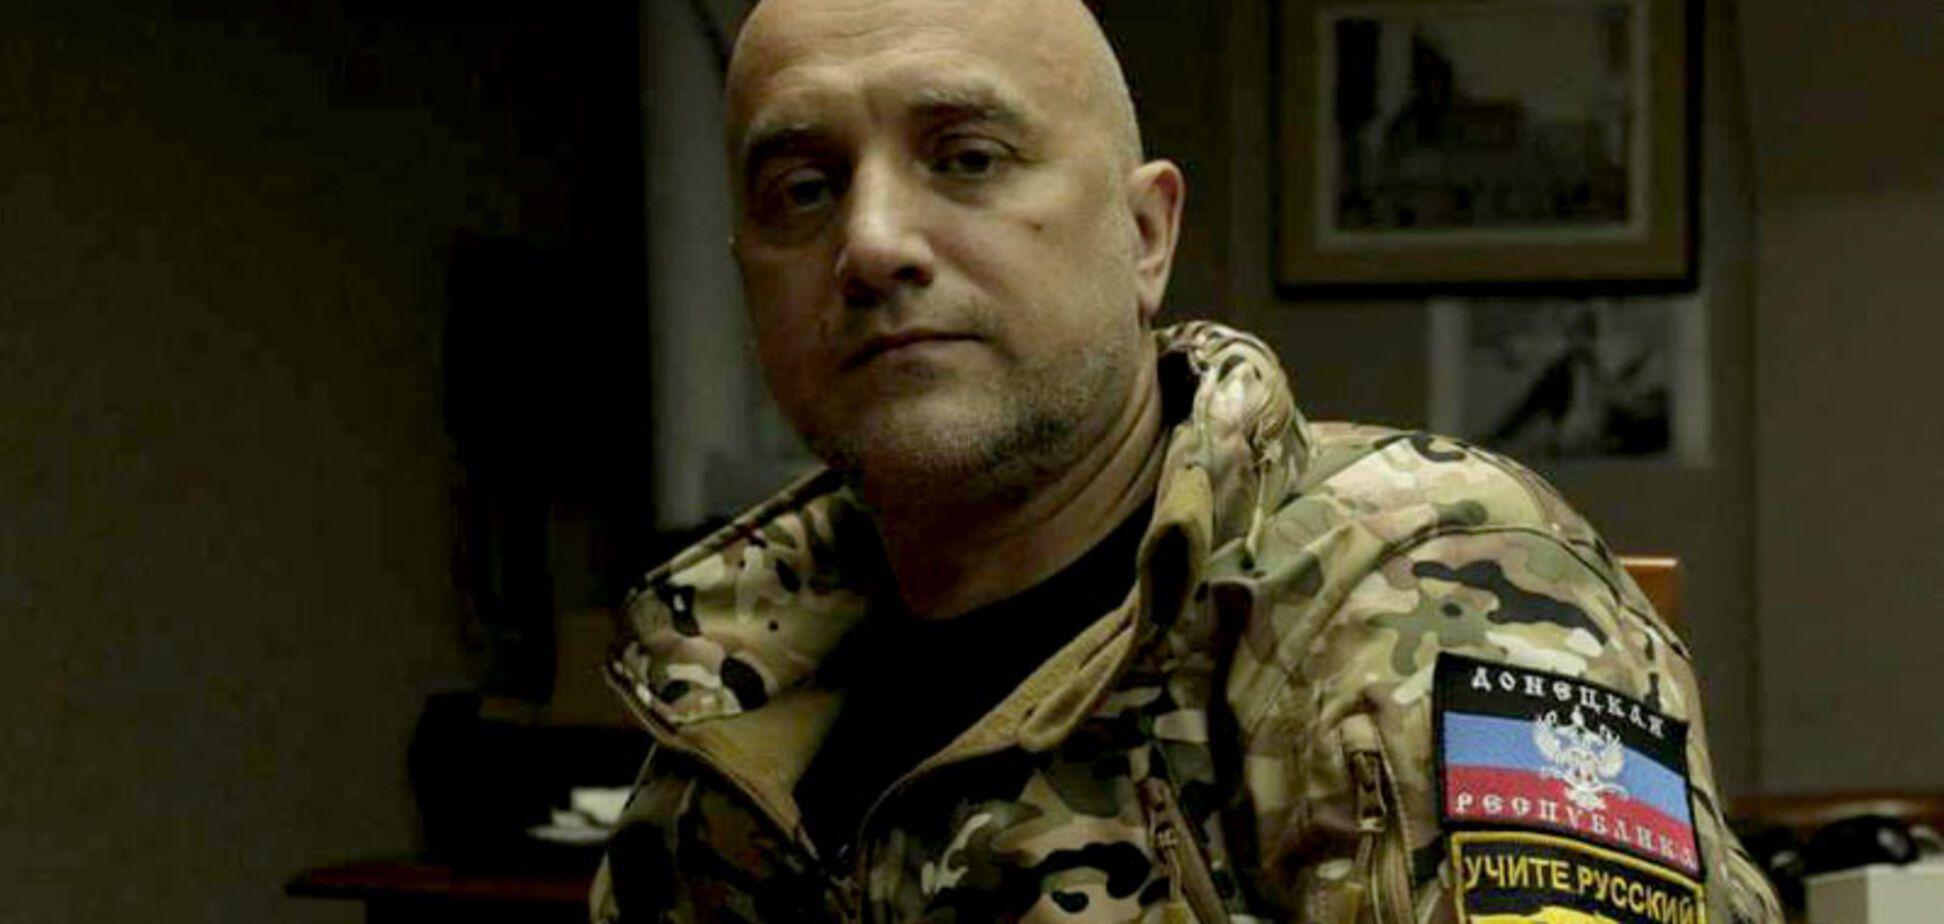 Ликвидация банды Прилепина: россияне-террористы сделали противоречивое заявление